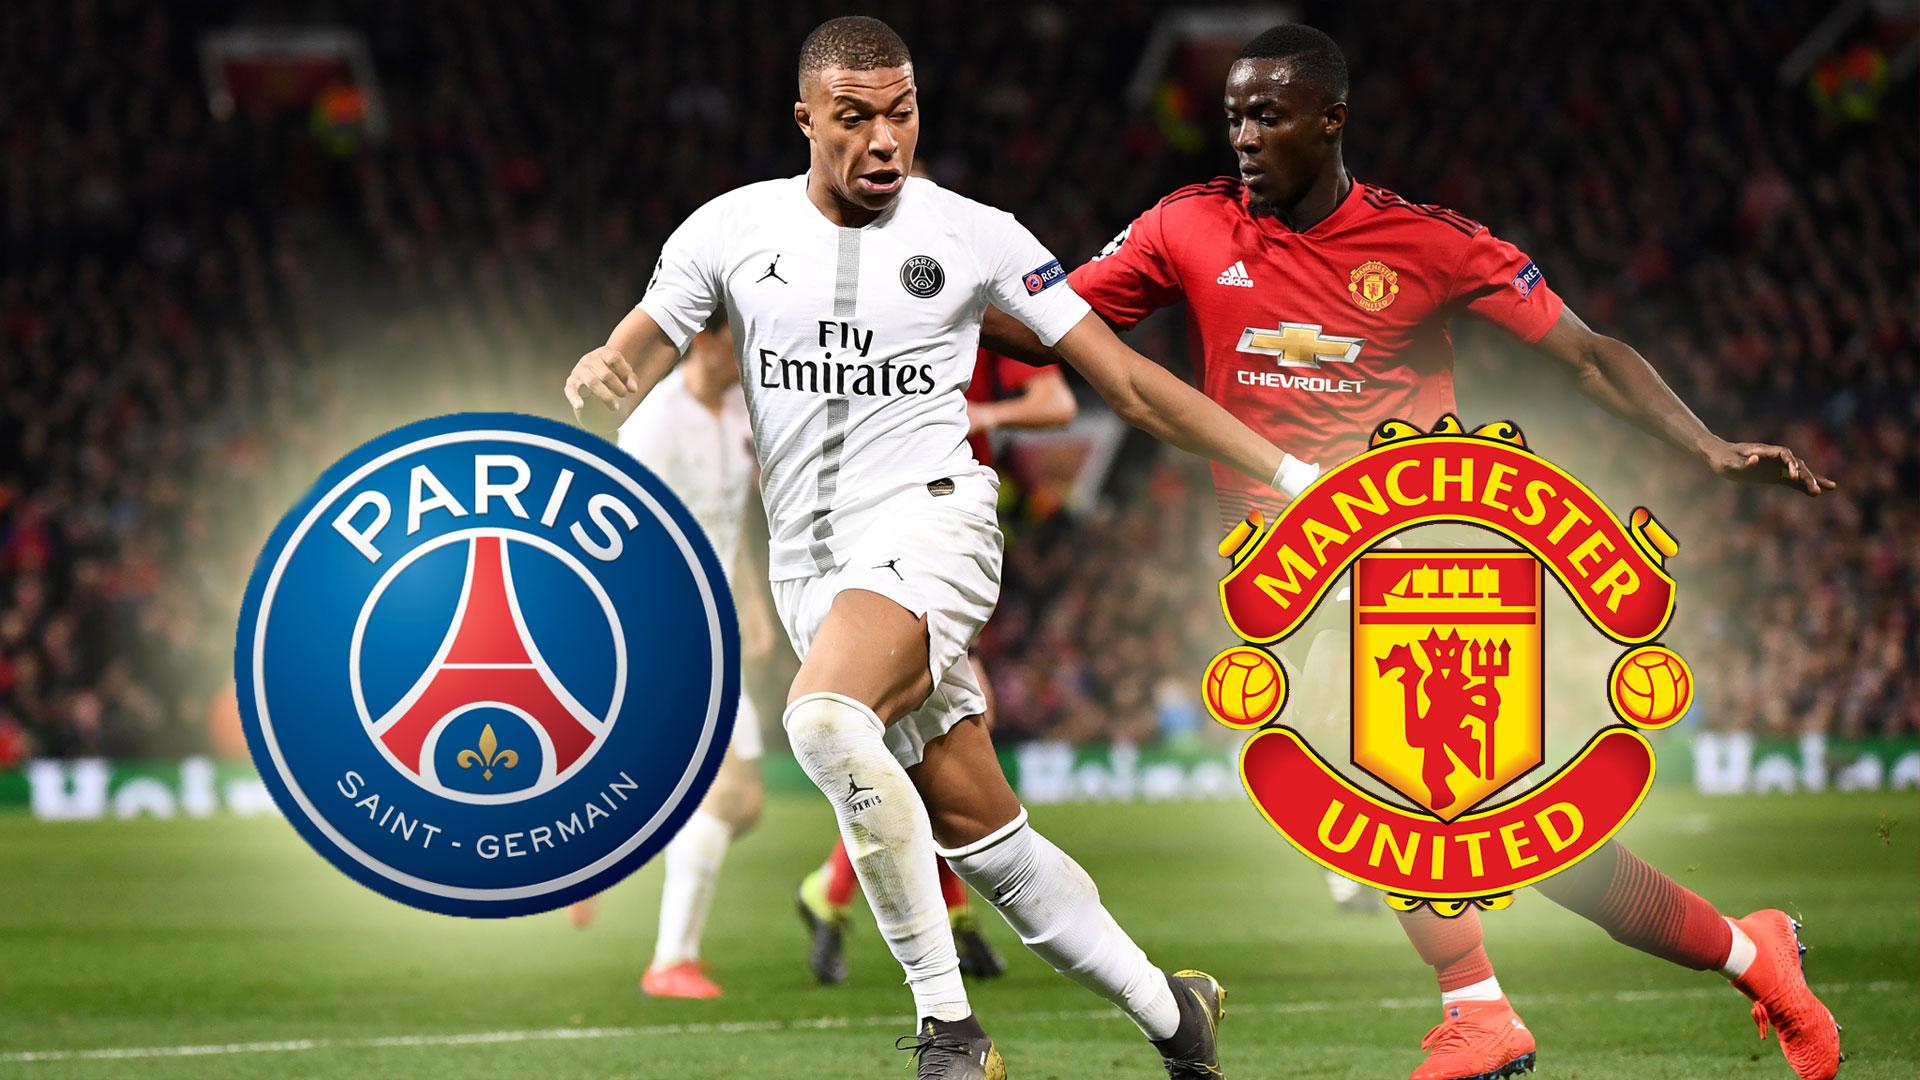 PSG vs. Manchester United heute live im TV und im LIVE-STREAM sehen